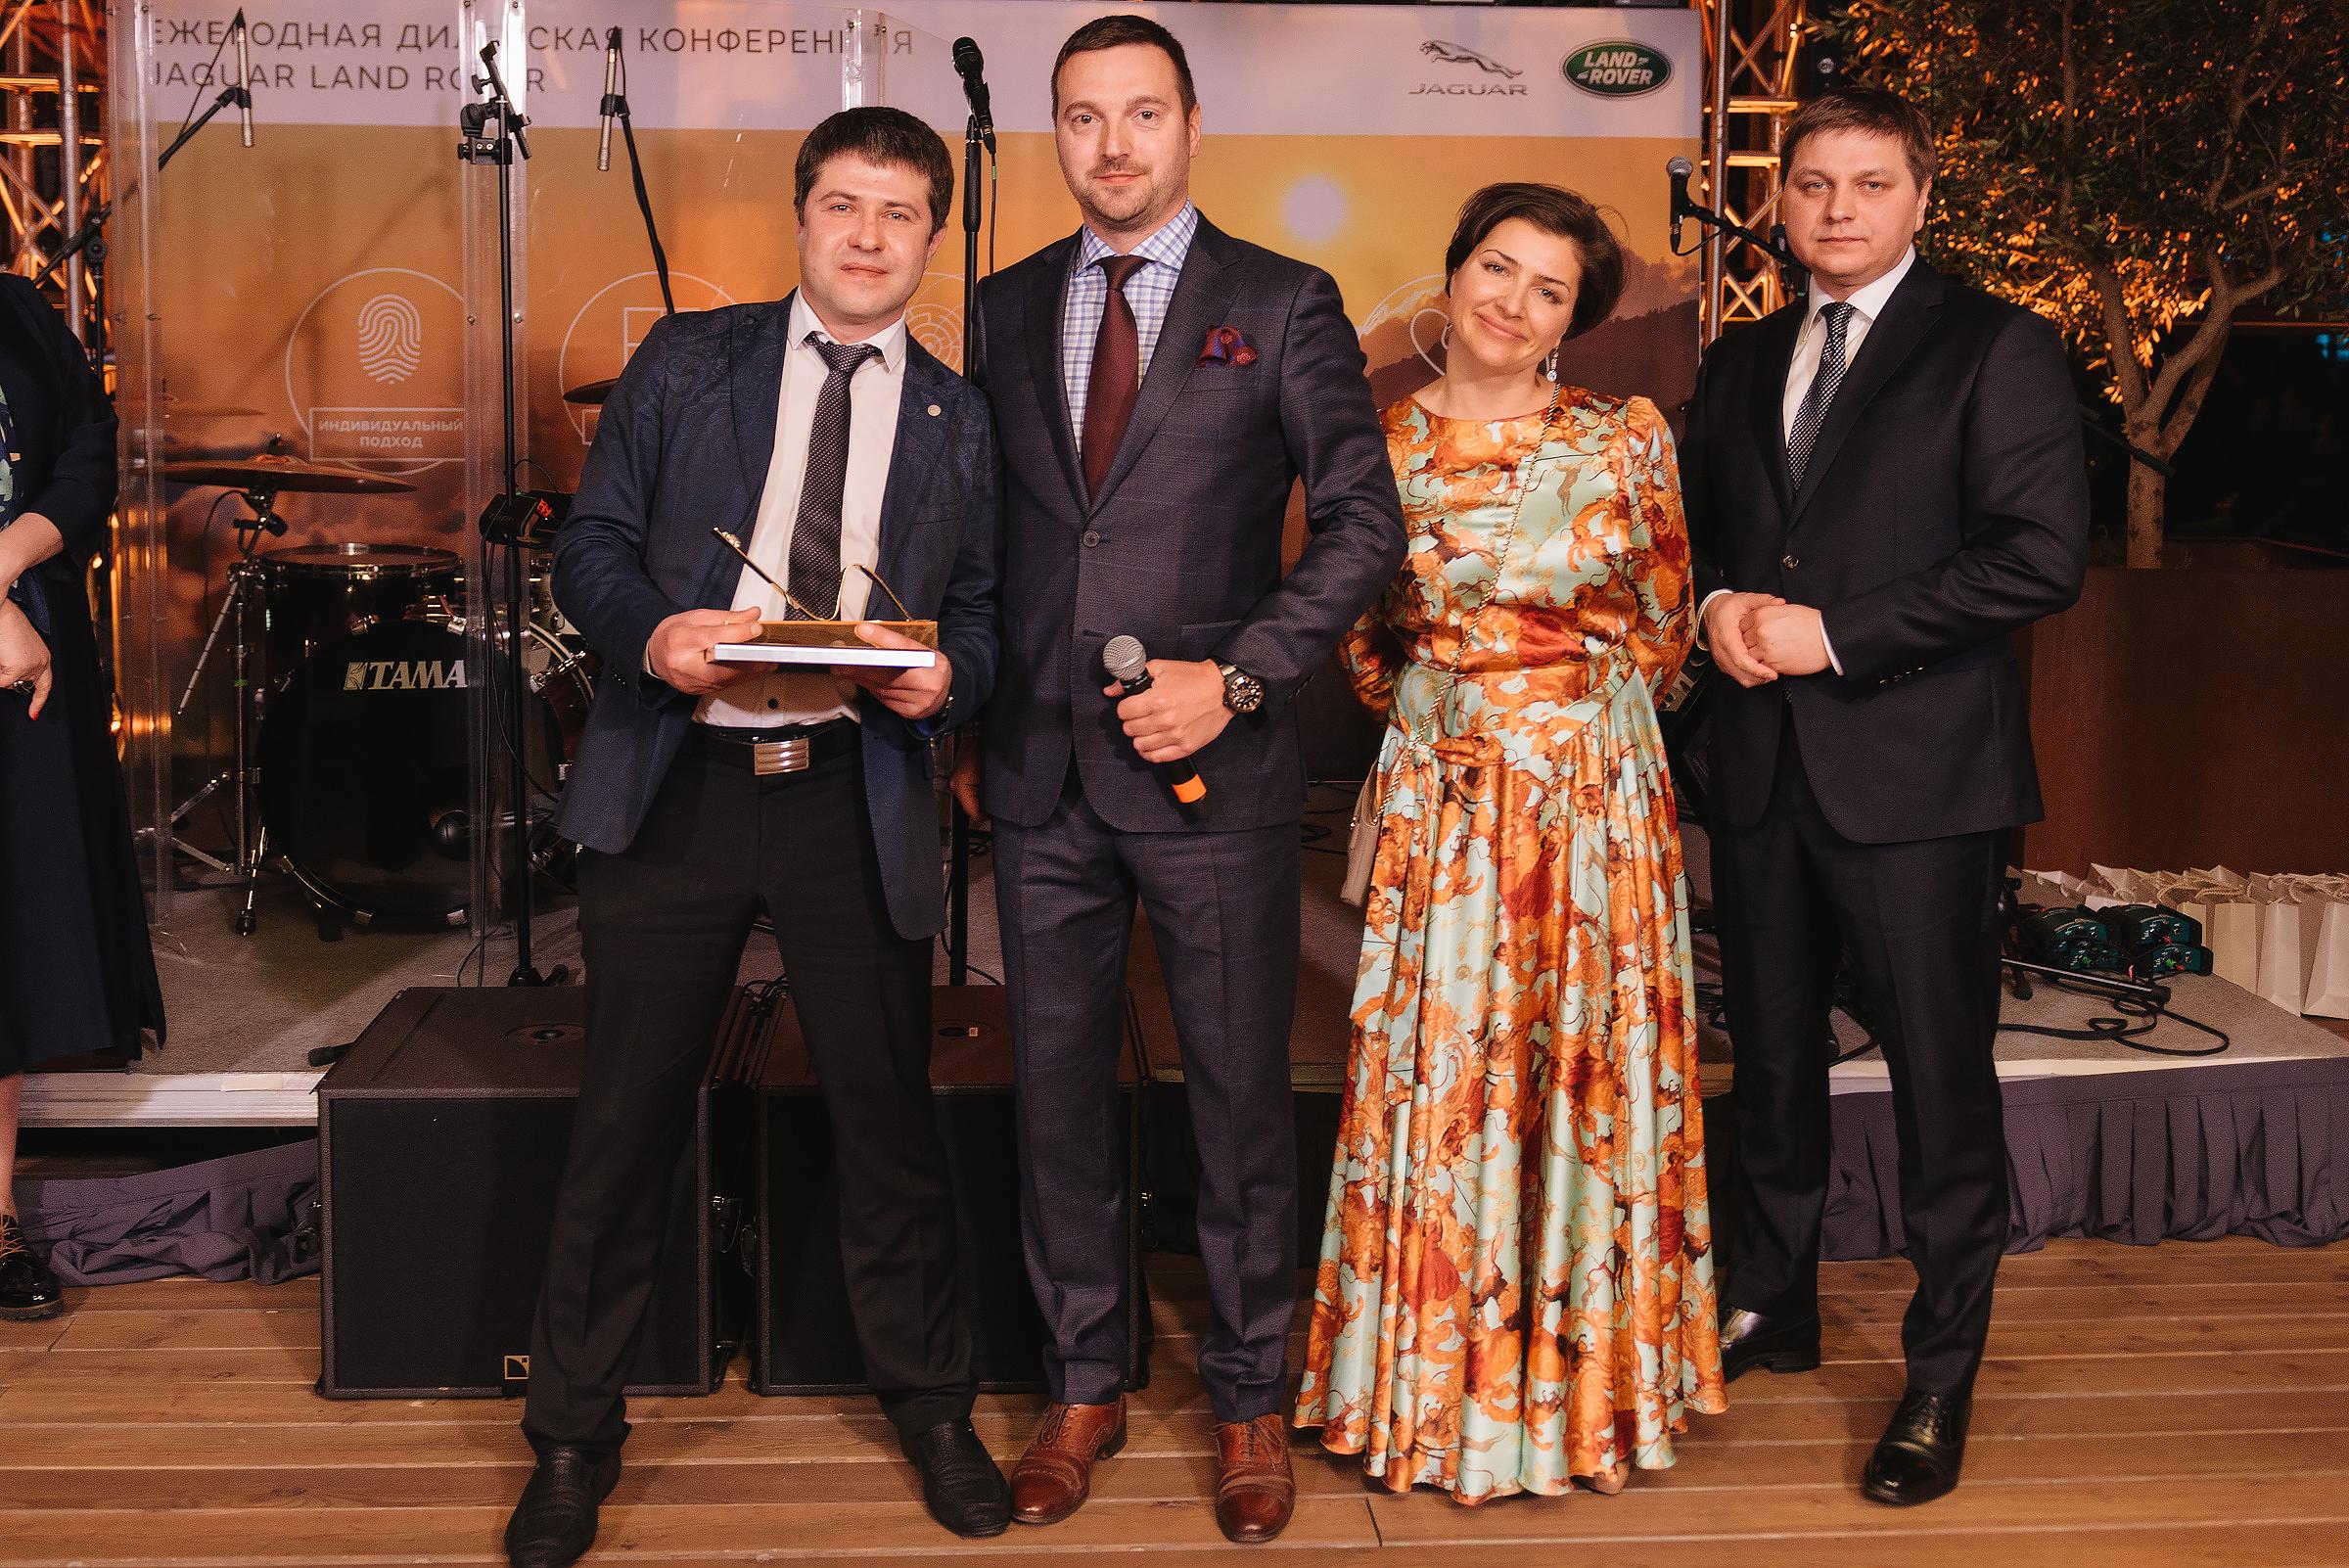 Команда «Альбион-Моторс» получила награду вноминации «Лучший дилер попродажам»